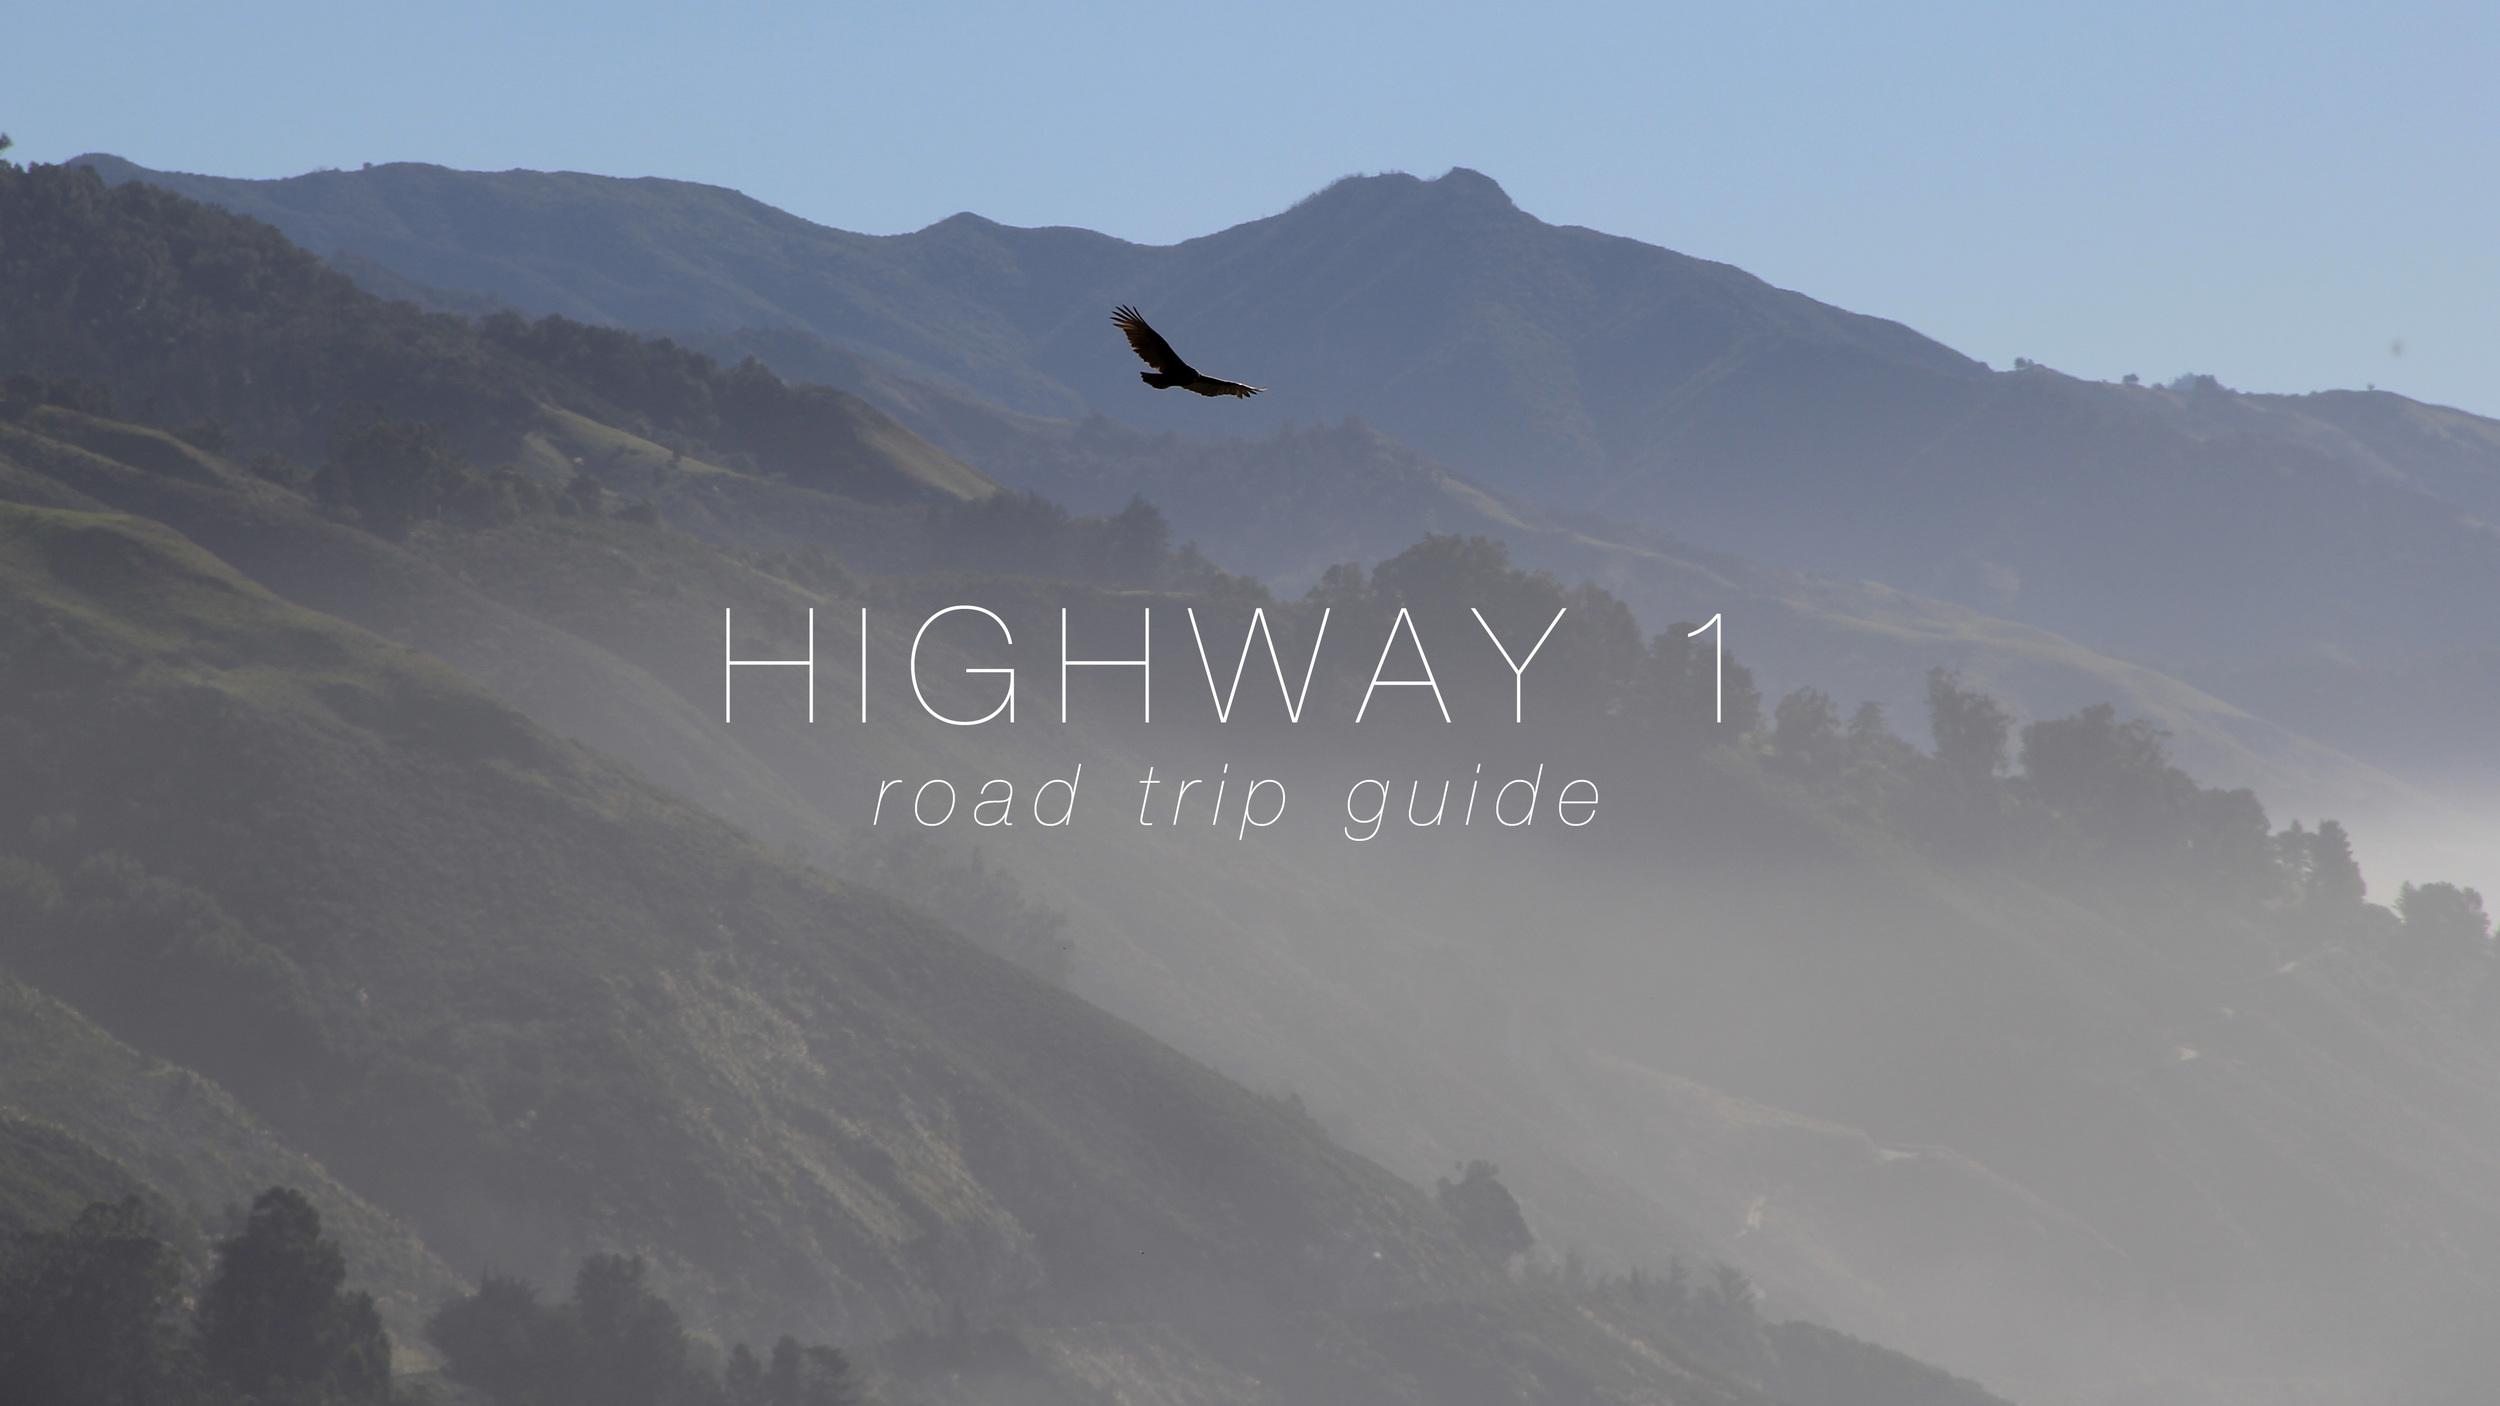 Highway 1 Road Trip